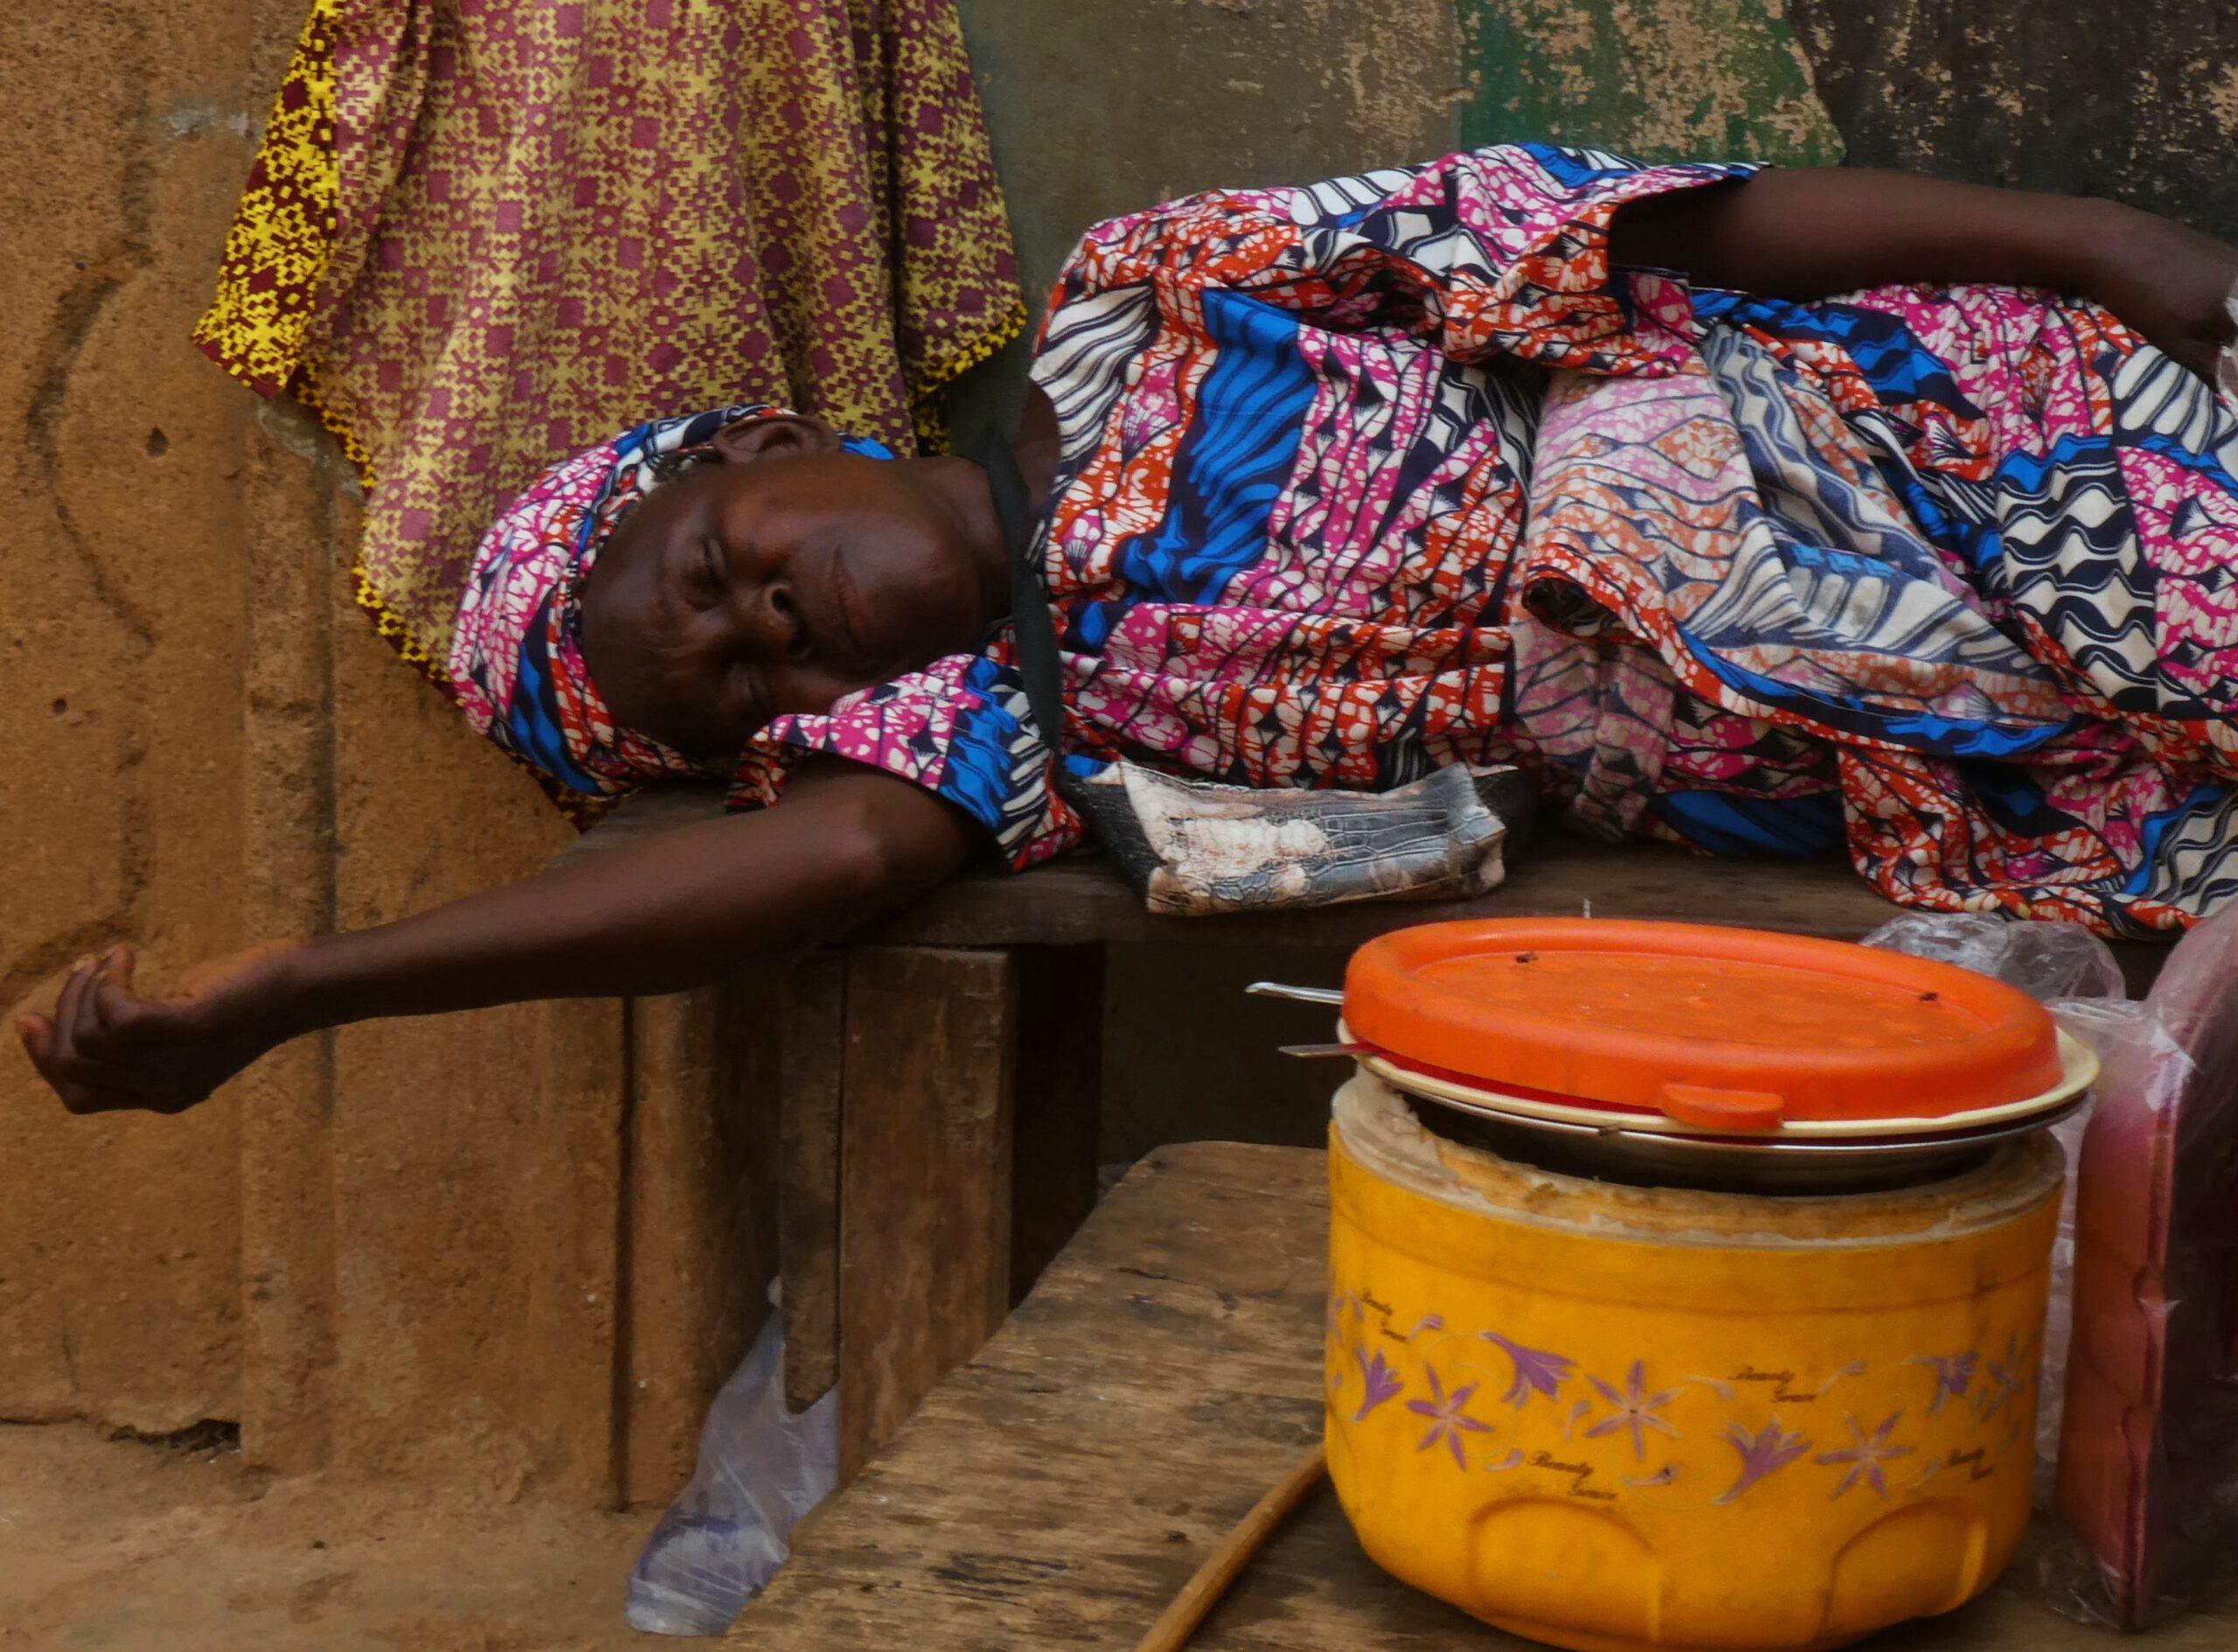 Una mujer durmiendo a la puerta de su casa en Nigeria